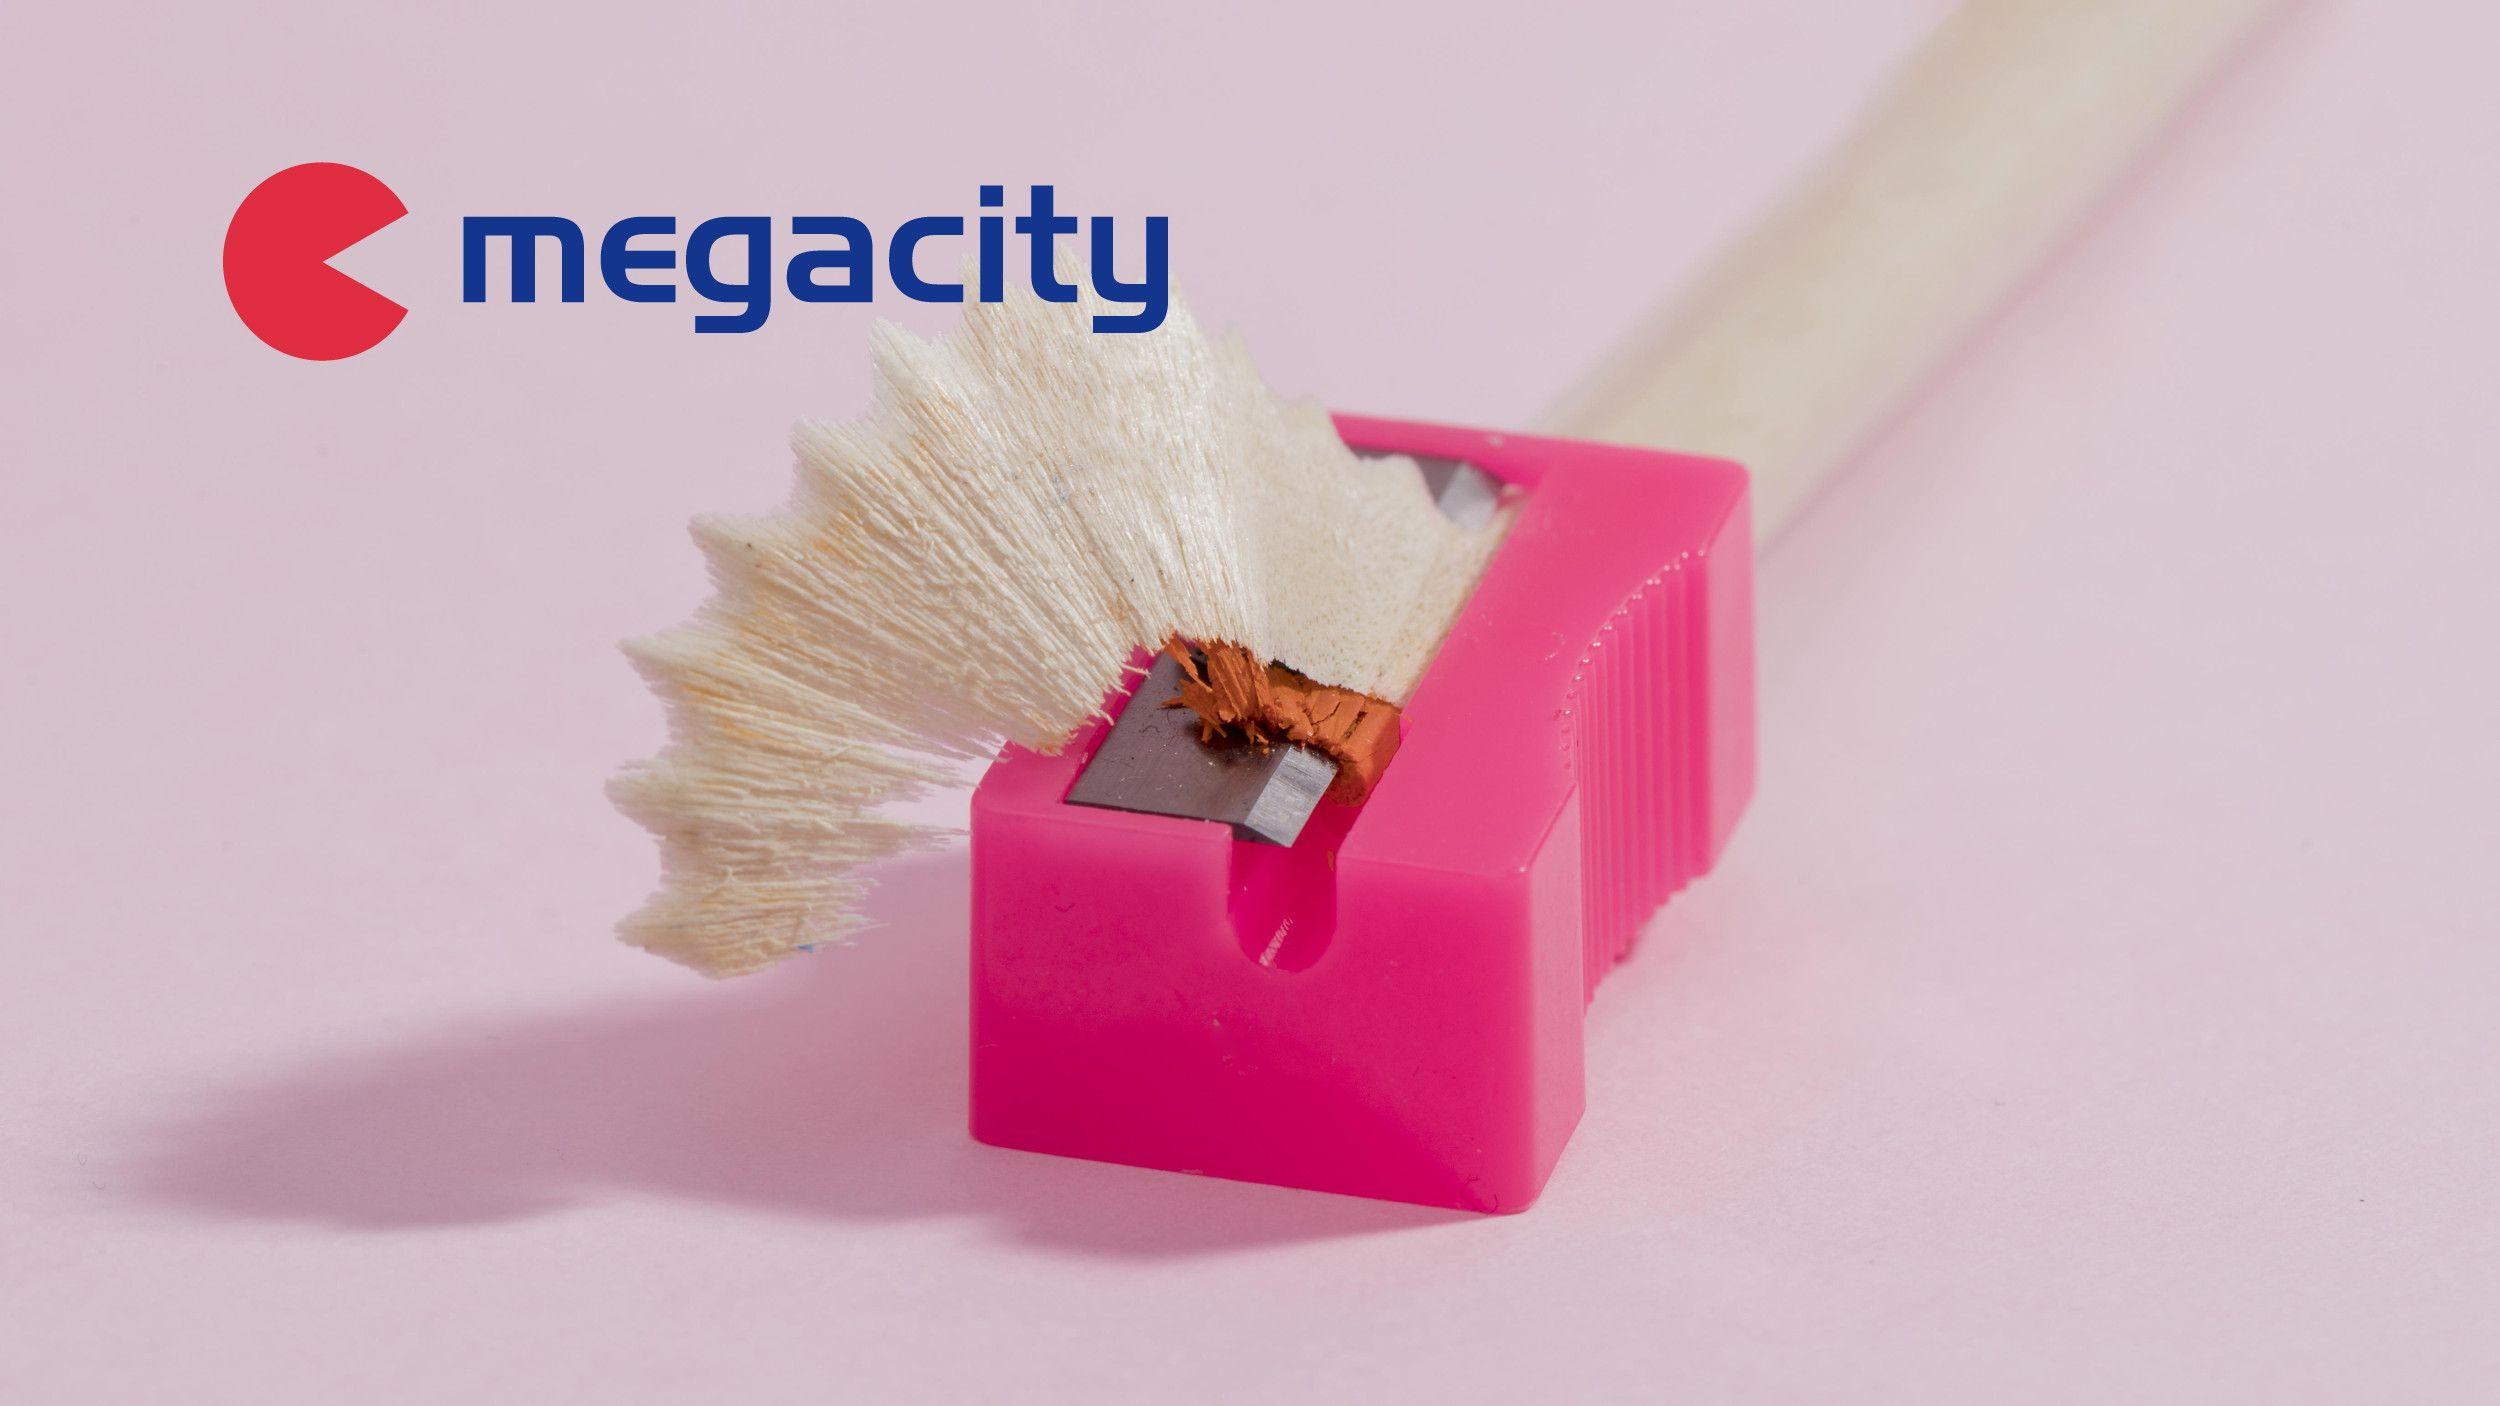 Megacity se adapta a las nuevas tecnologías con sacapuntas eléctricos con carga USB